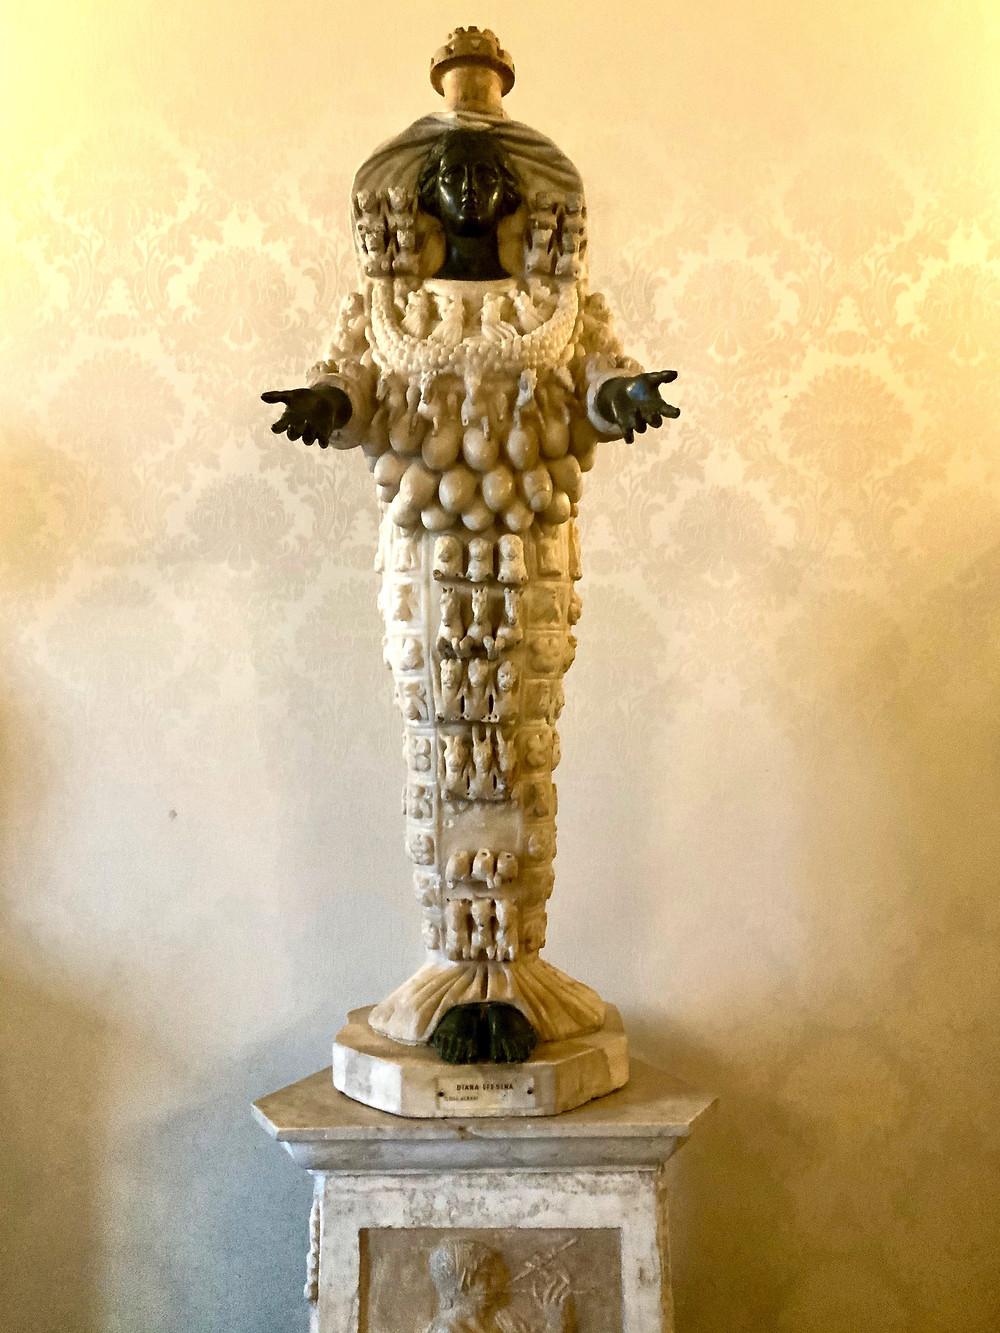 Artemis of Ephesus, the fertility cult statue